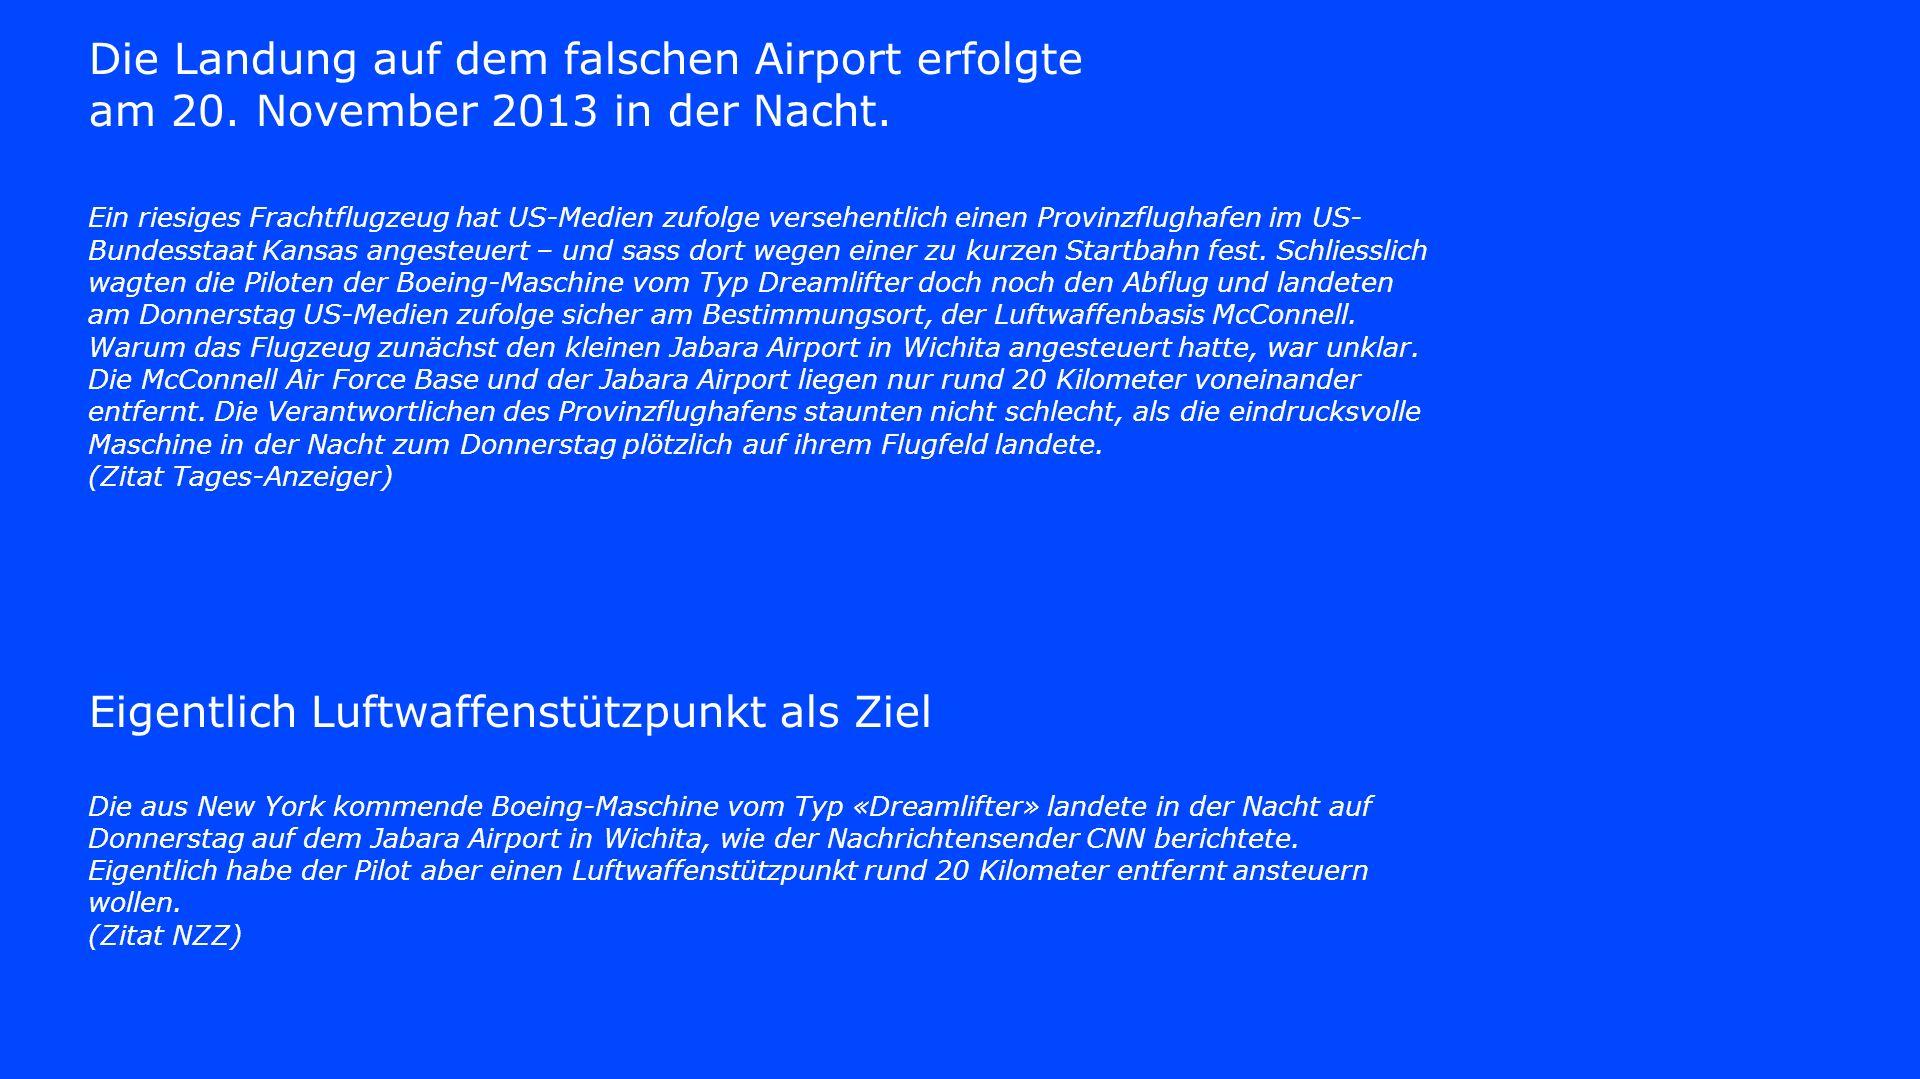 Die Landung auf dem falschen Airport erfolgte am 20. November 2013 in der Nacht. Ein riesiges Frachtflugzeug hat US-Medien zufolge versehentlich einen